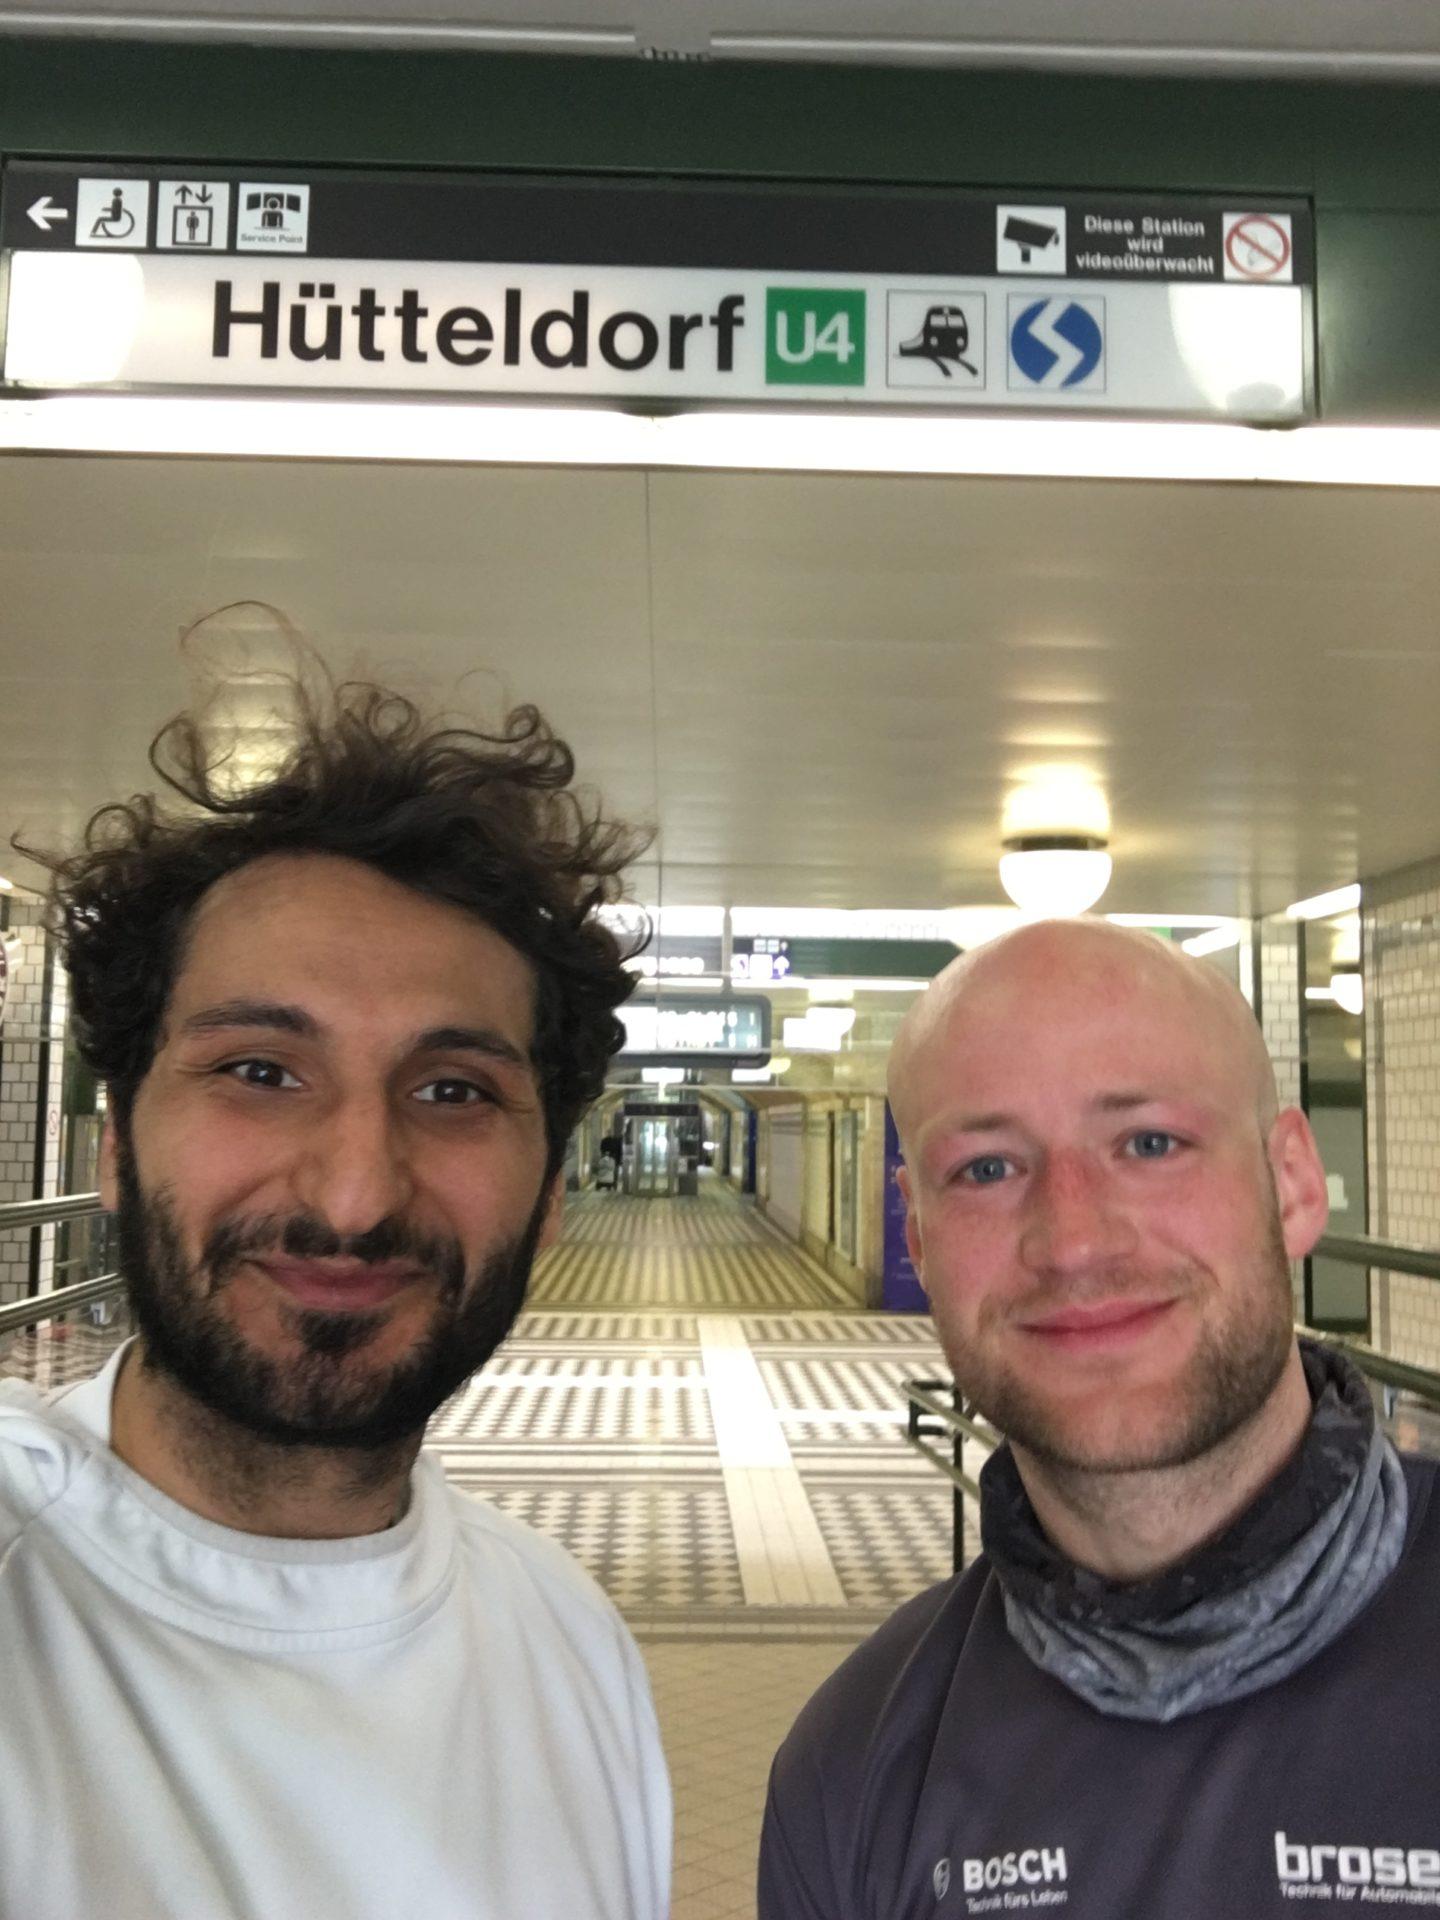 Vor der U4-Endstation Hütteldorf: Für Burak und Julian in diesem Fall nicht der End- sondern Startpunkt ihrer U4-Laufstrecke.